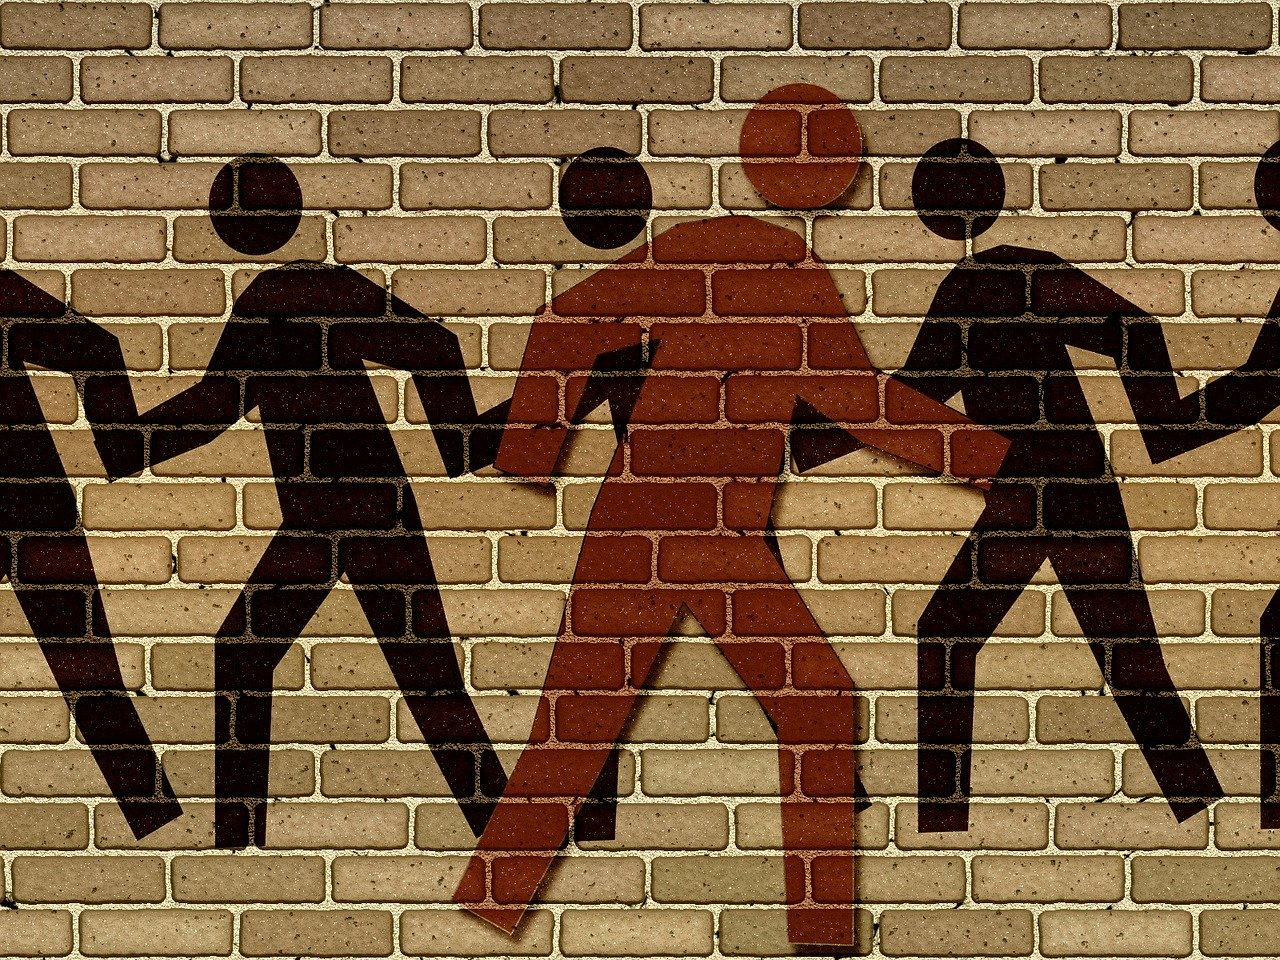 転勤なしの優良企業に就職・転職する方法は?【探し方や見分け方のコツあり】